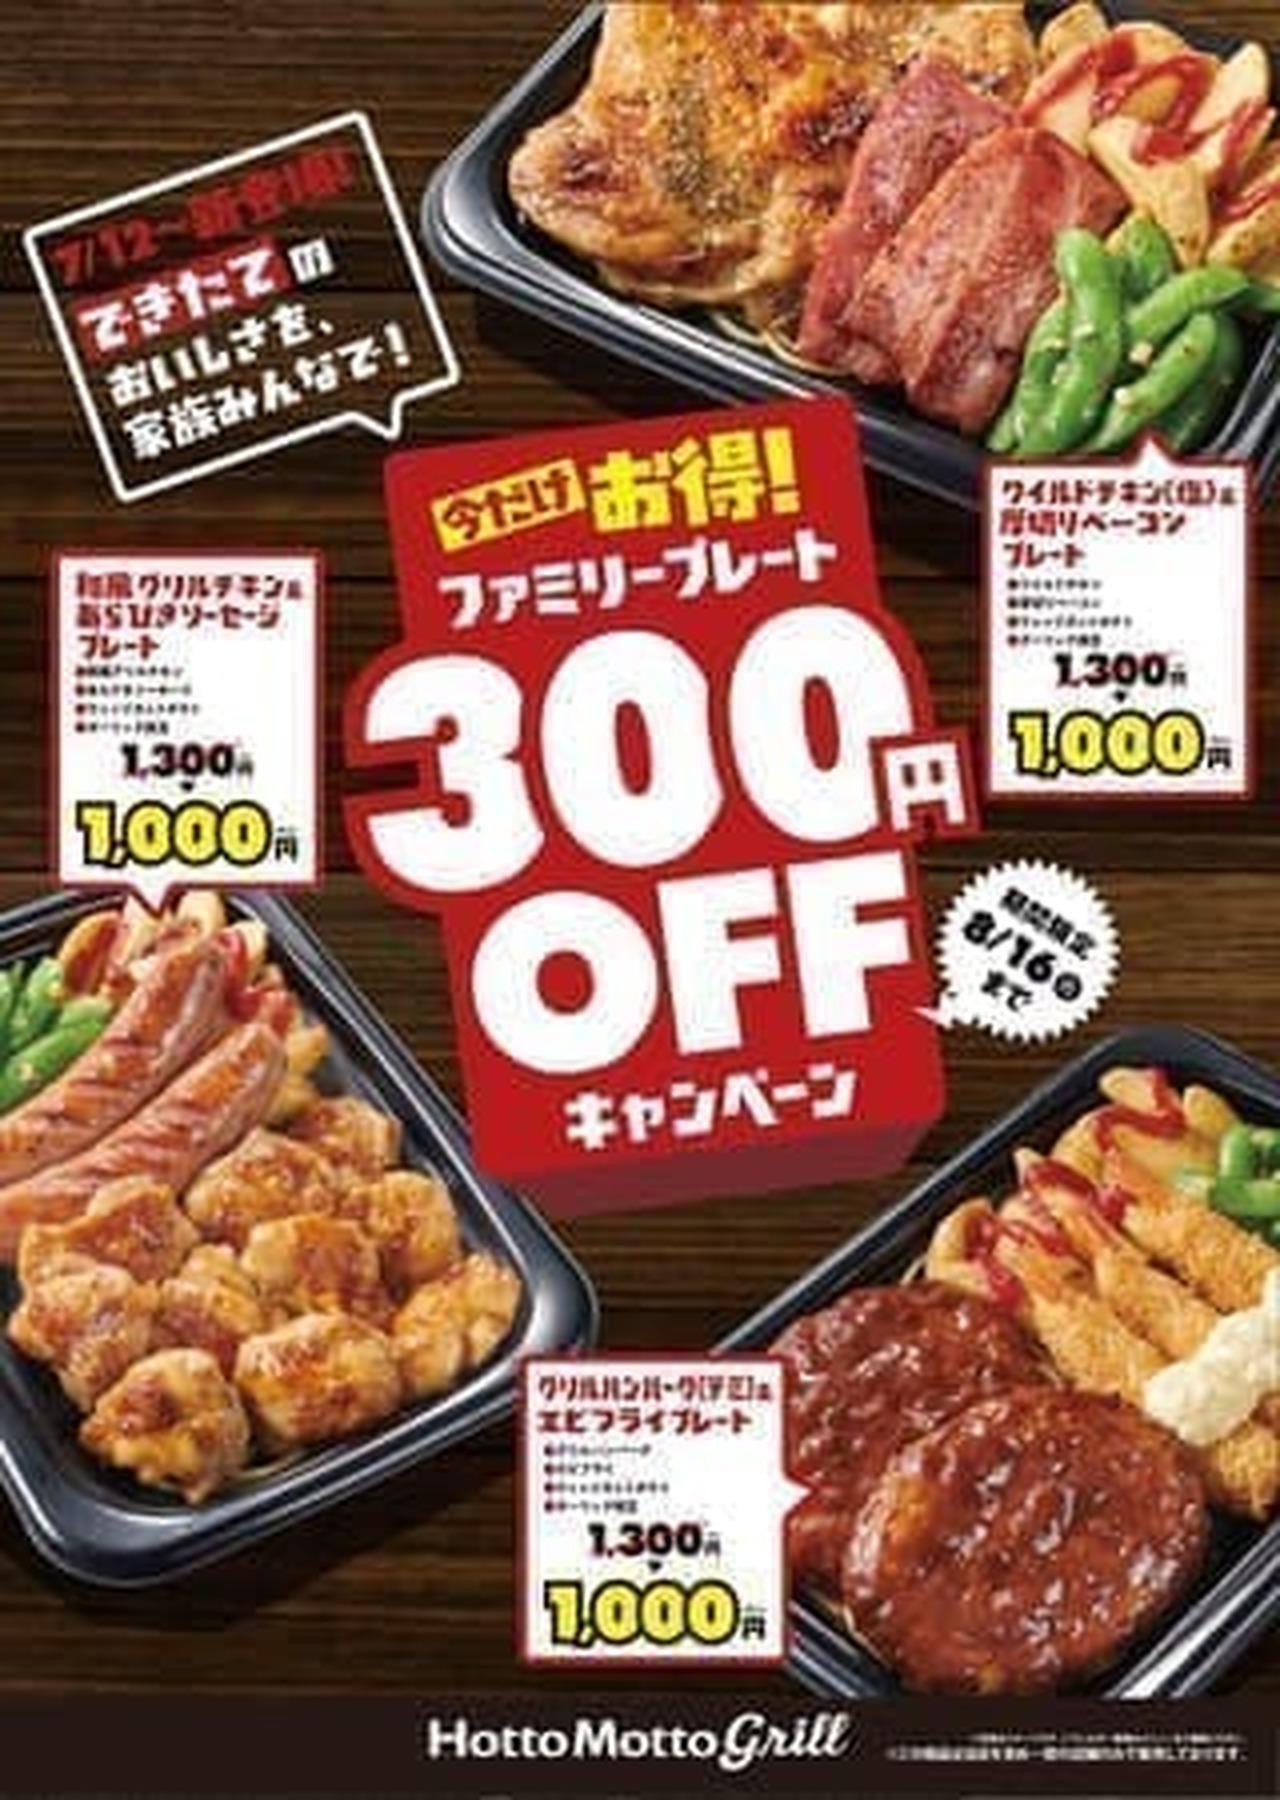 ほっともっとグリルのファミリープレート300円OFFキャンペーン